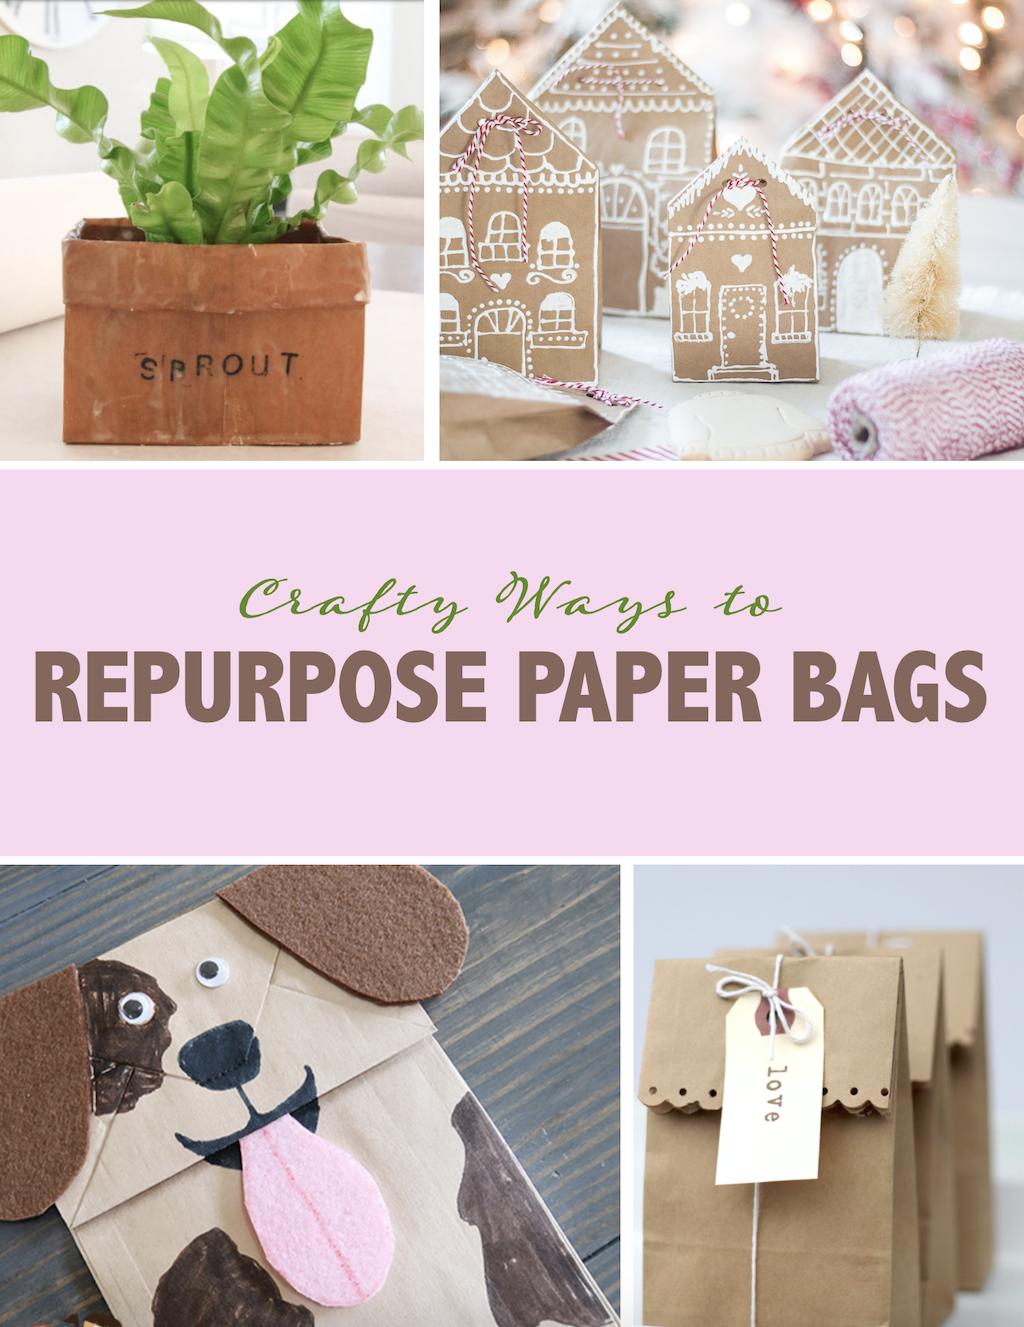 How to Repurpose Paper Bags